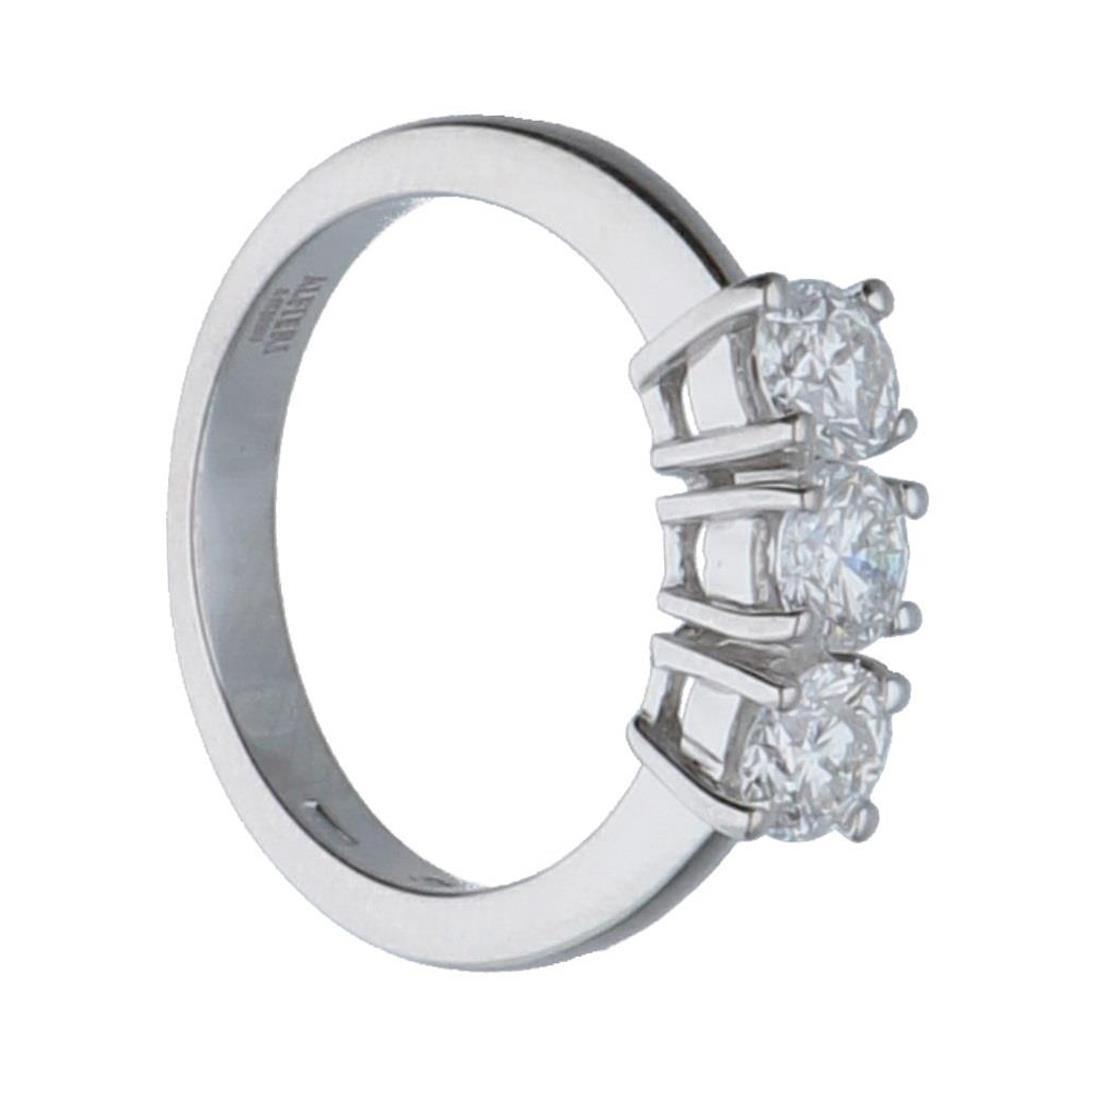 Anello in oro bianco con diamanti ct. 0,68 - ALFIERI & ST. JOHN